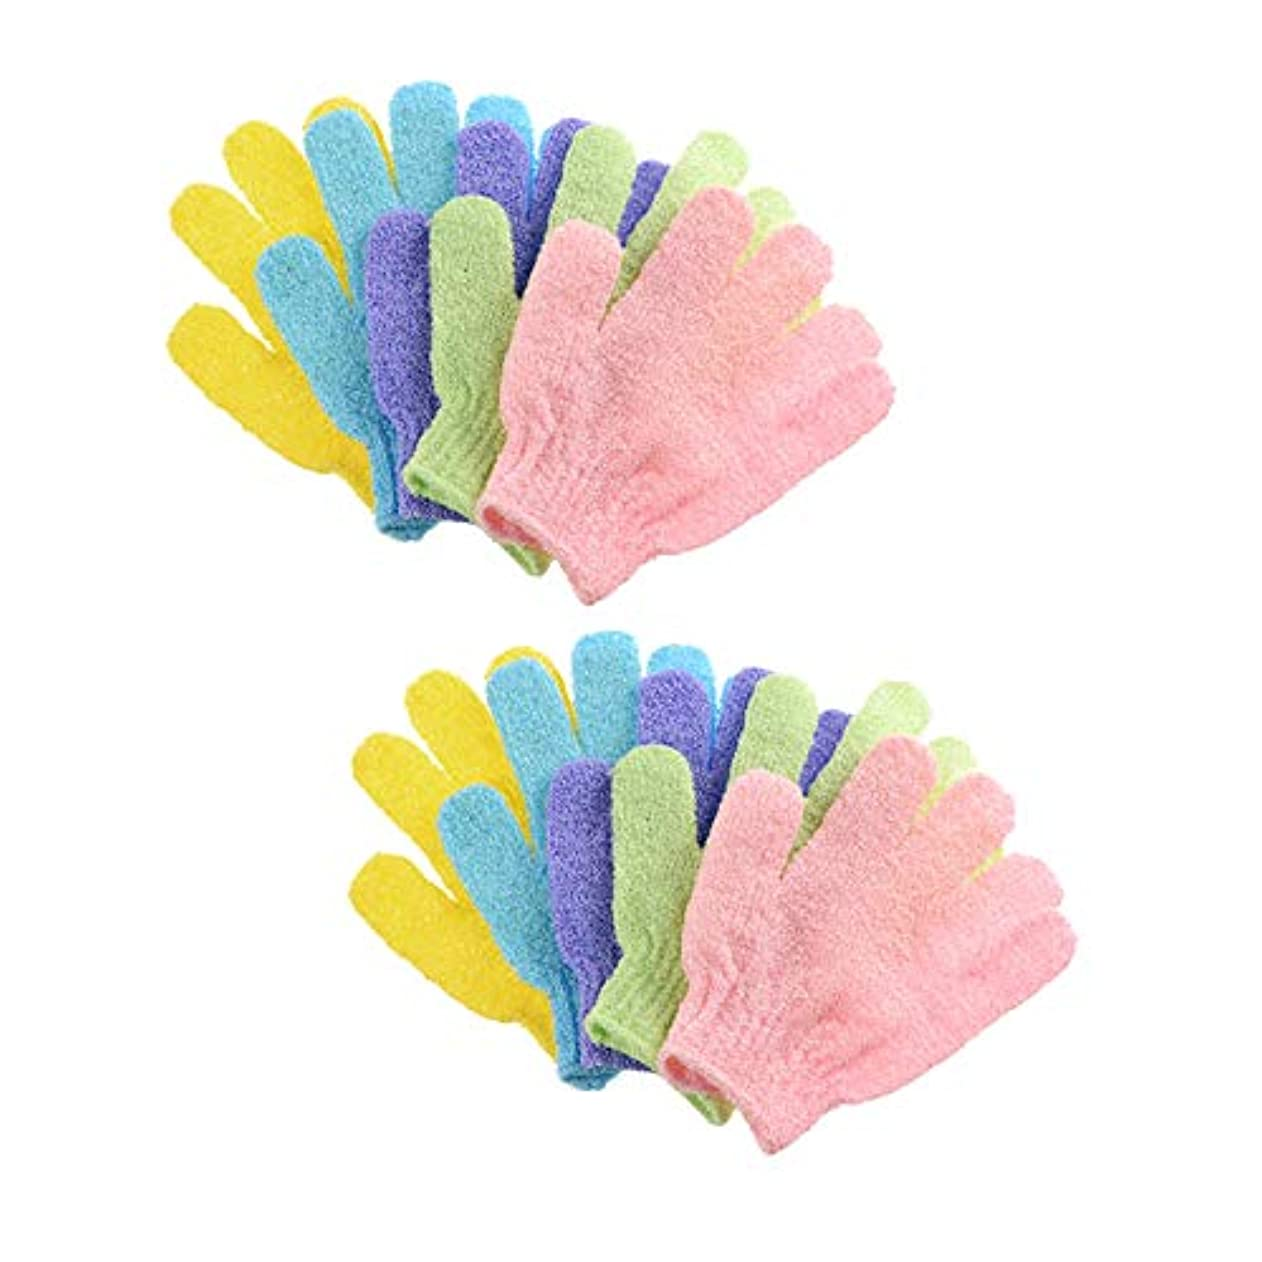 浴用手袋 入浴用手袋 お風呂用手袋 5ペア角質除去バスグローブ 抗菌加工 ボディタオル シャワーボディーグローブ 両面スクラブバスグローブボディスクラブエクスフォリエーター用 男女兼用